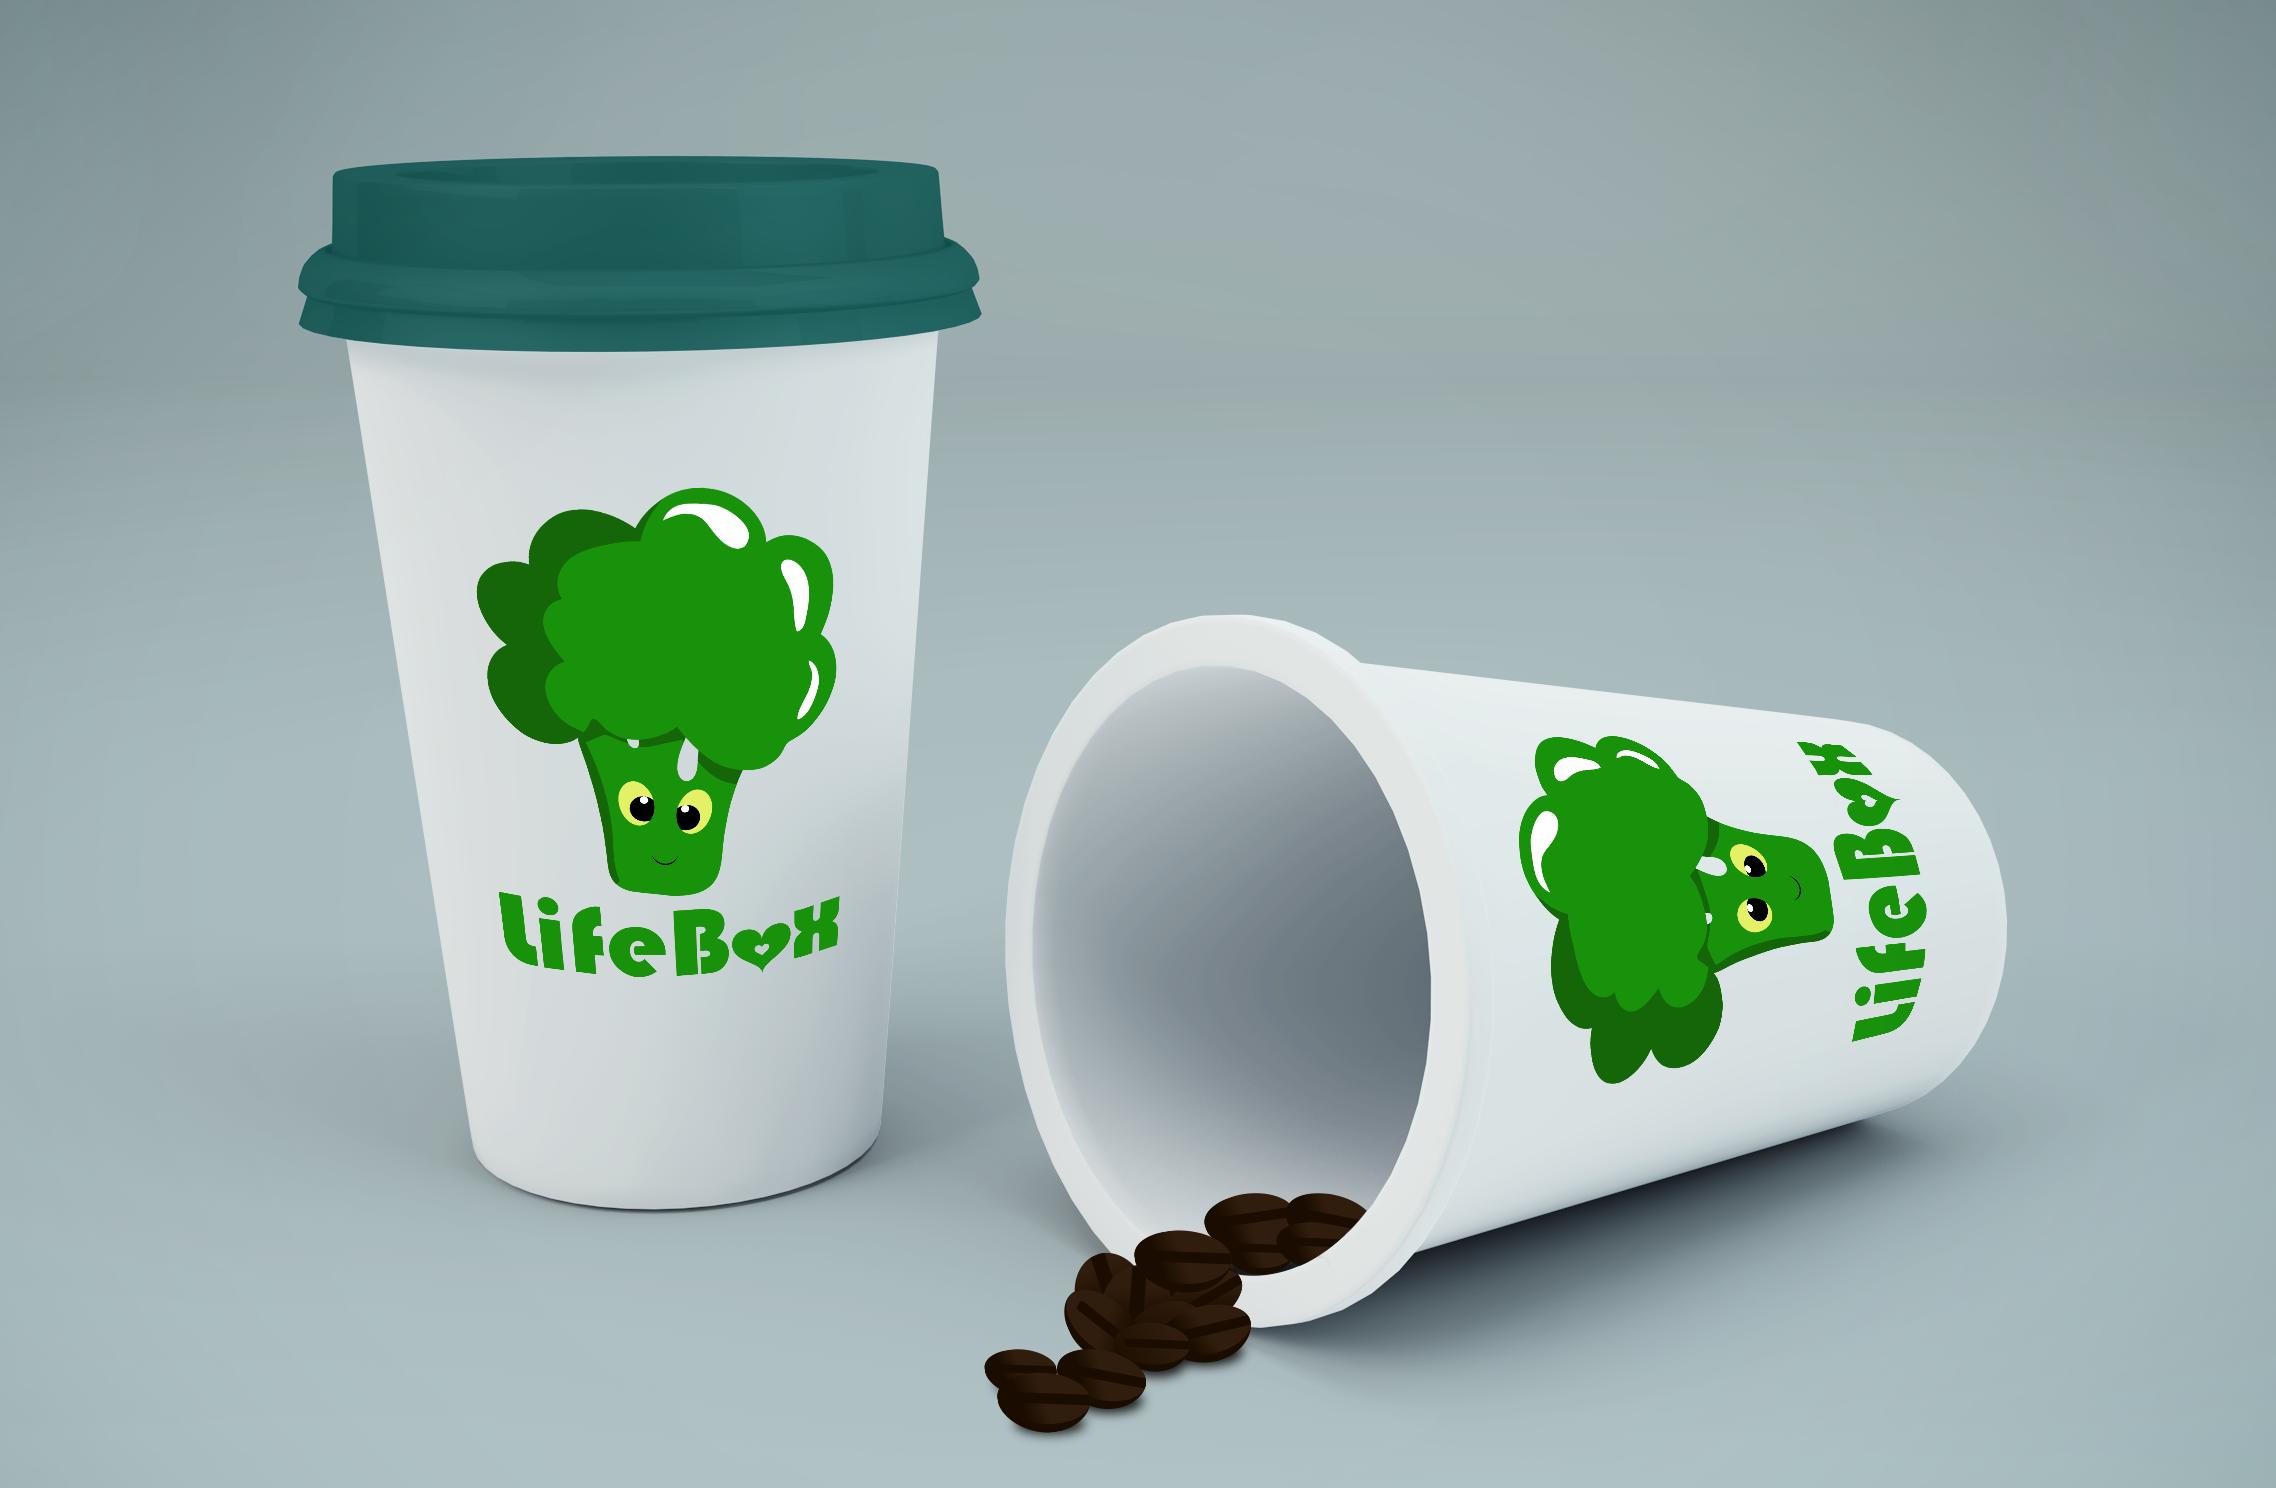 Разработка Логотипа. Победитель получит расширеный заказ  фото f_3805c36685148ab4.png